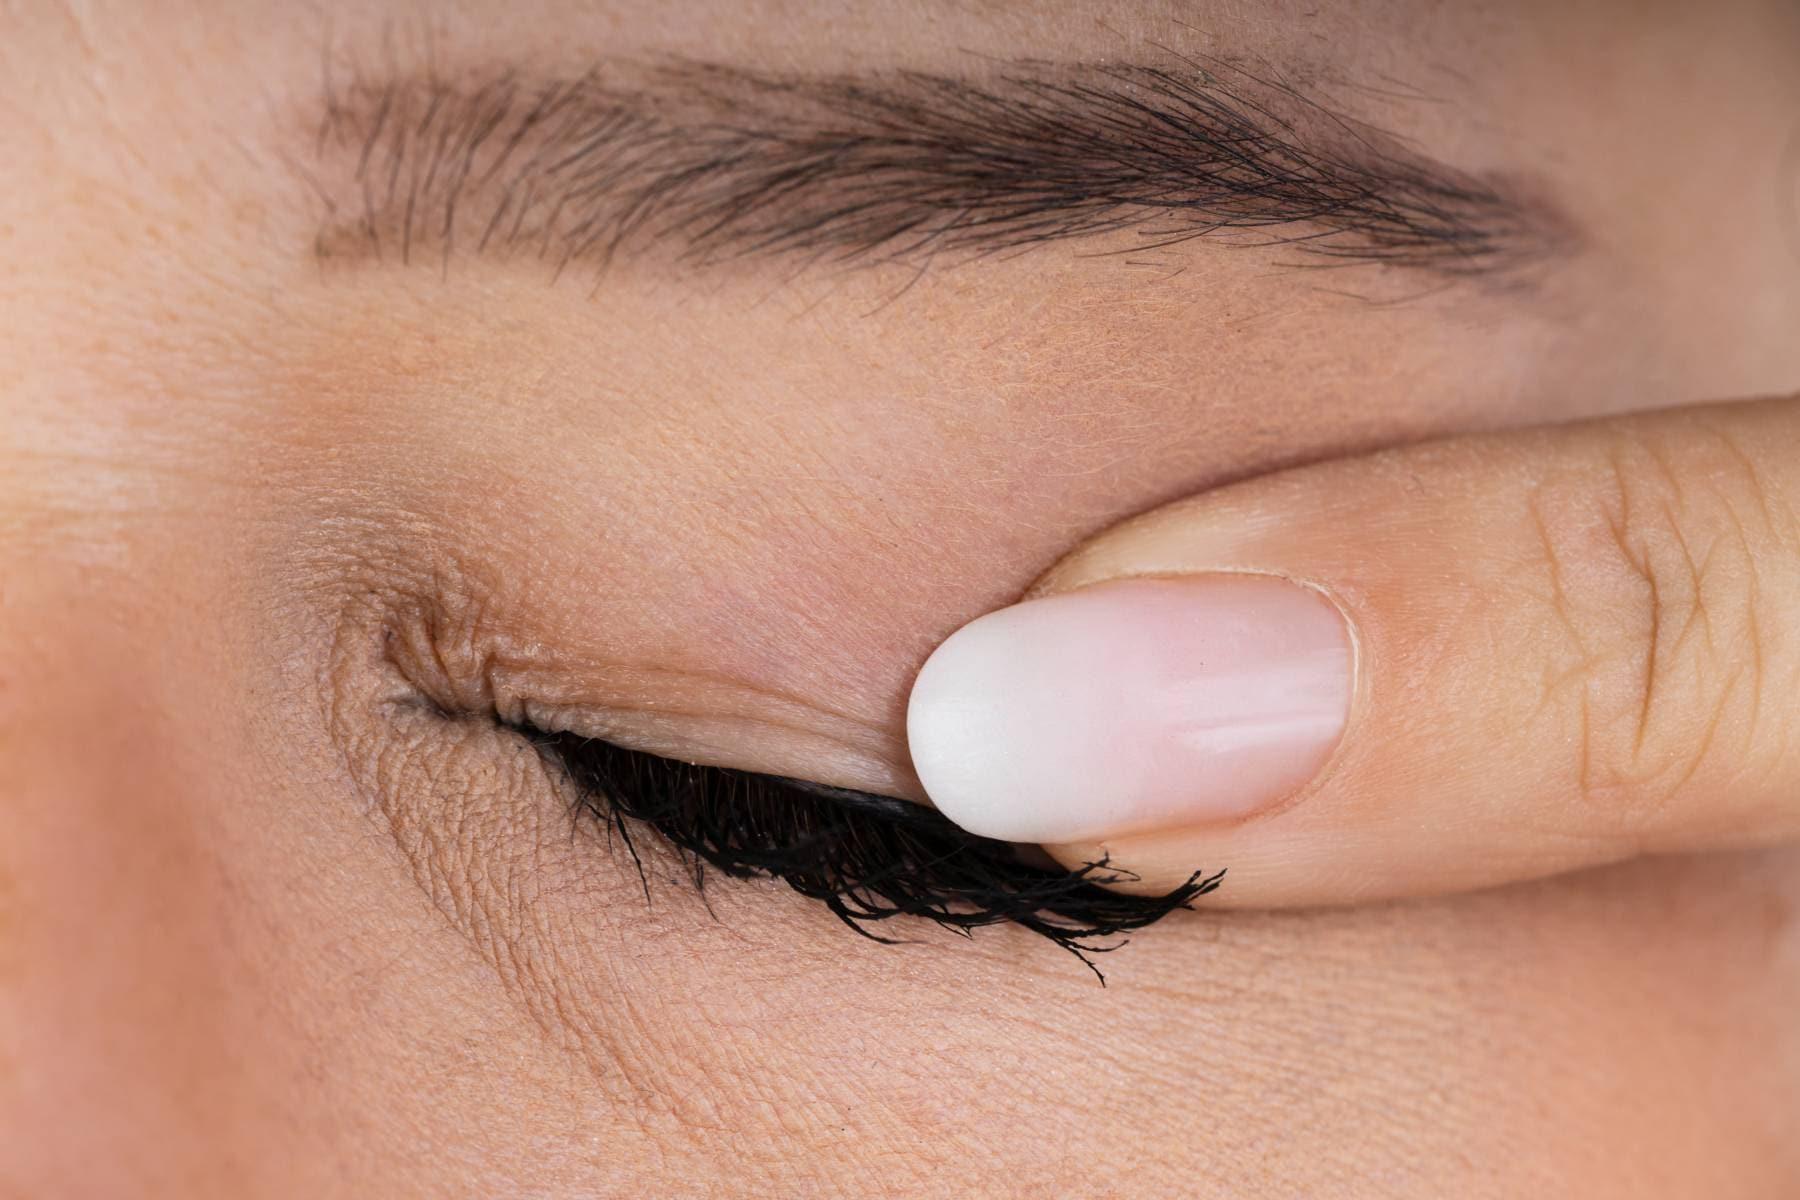 knottror under ögonlocken